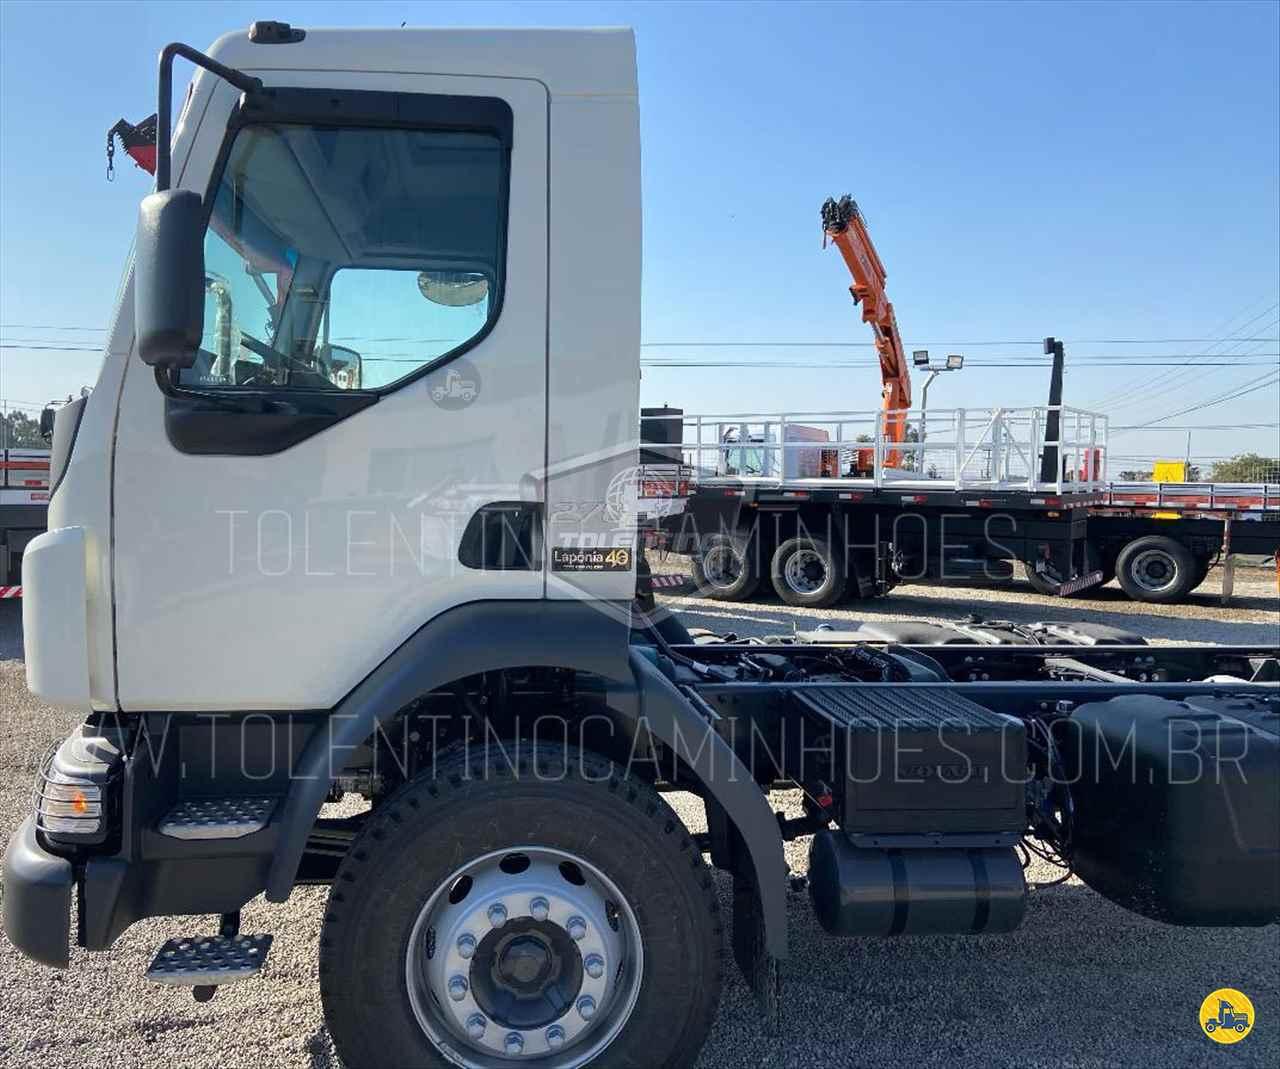 VOLVO VM 270 de Tolentino Caminhões - ITU/SP